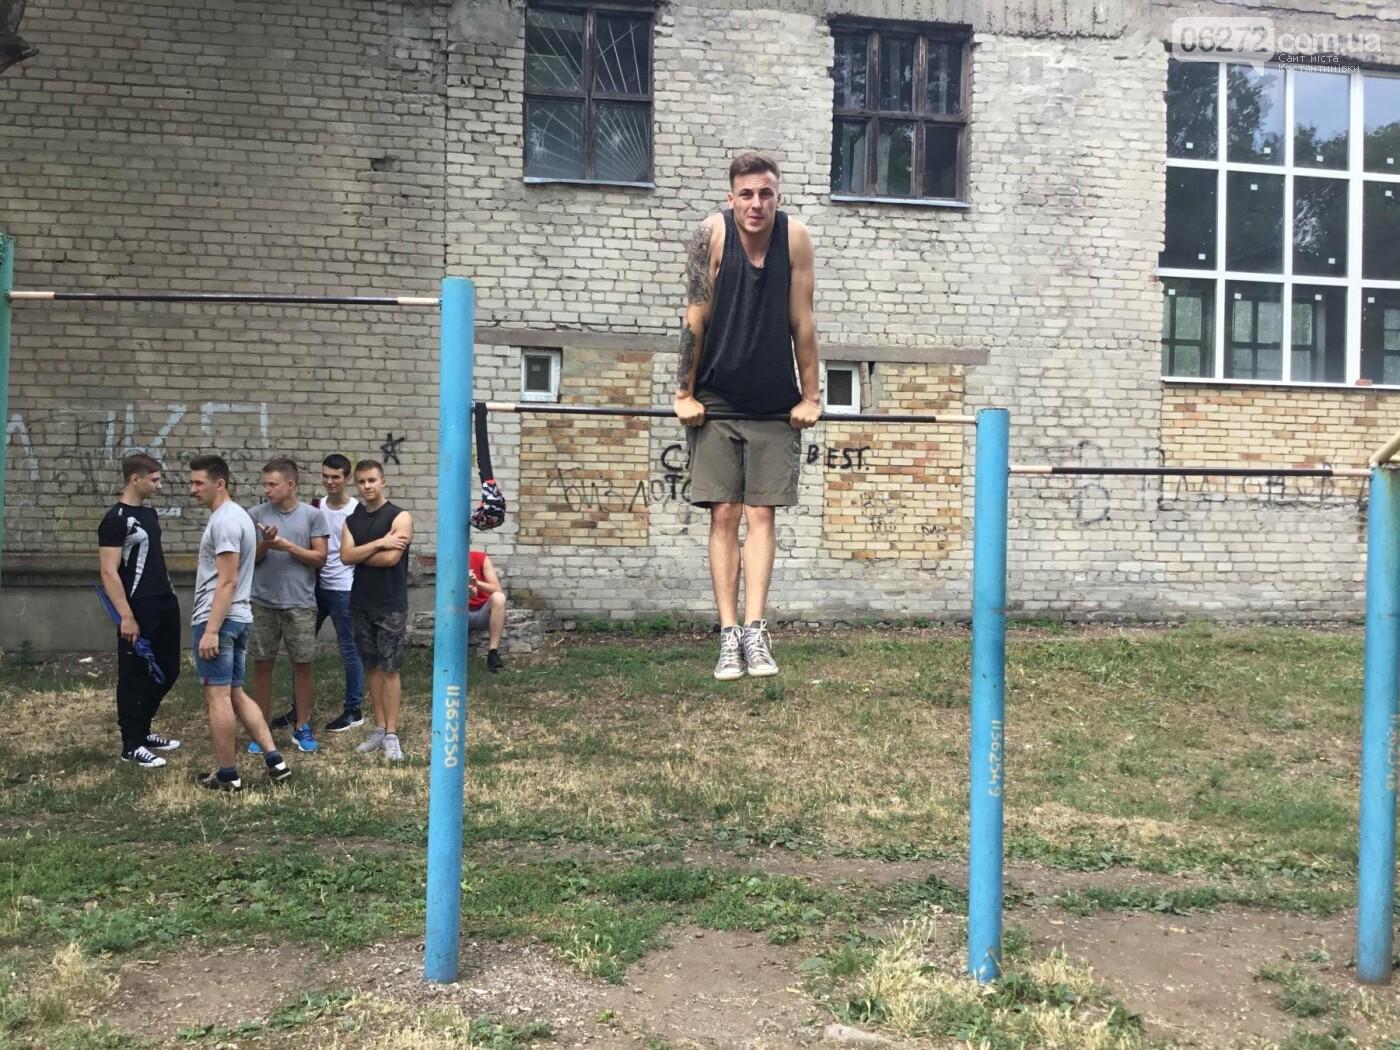 В Константиновке спортсмены приняли участие в соревнованиях по Street Workout, фото-1